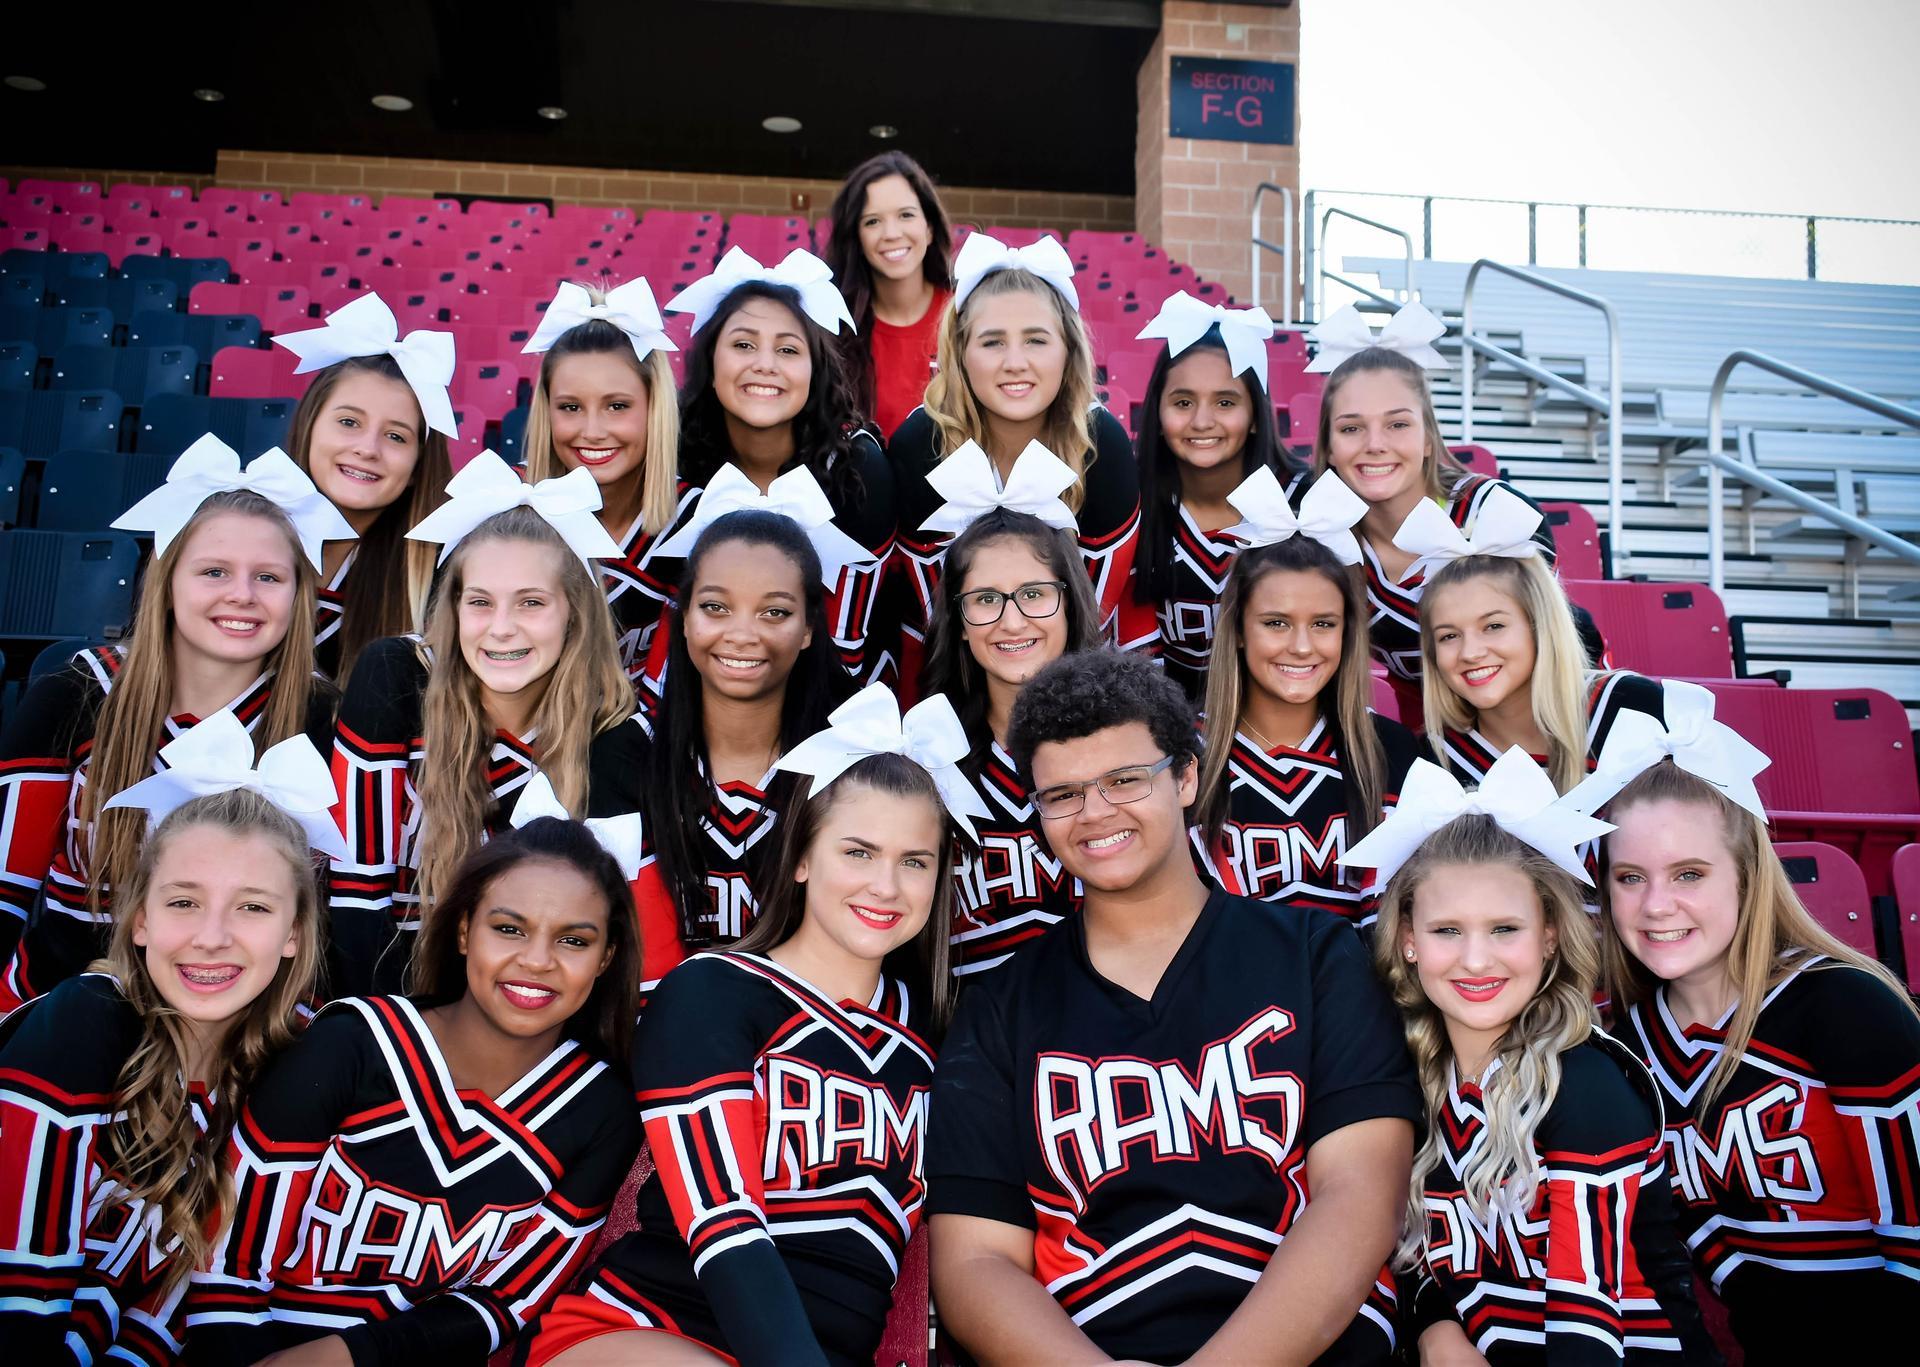 2018-19 Ram Cheerleaders